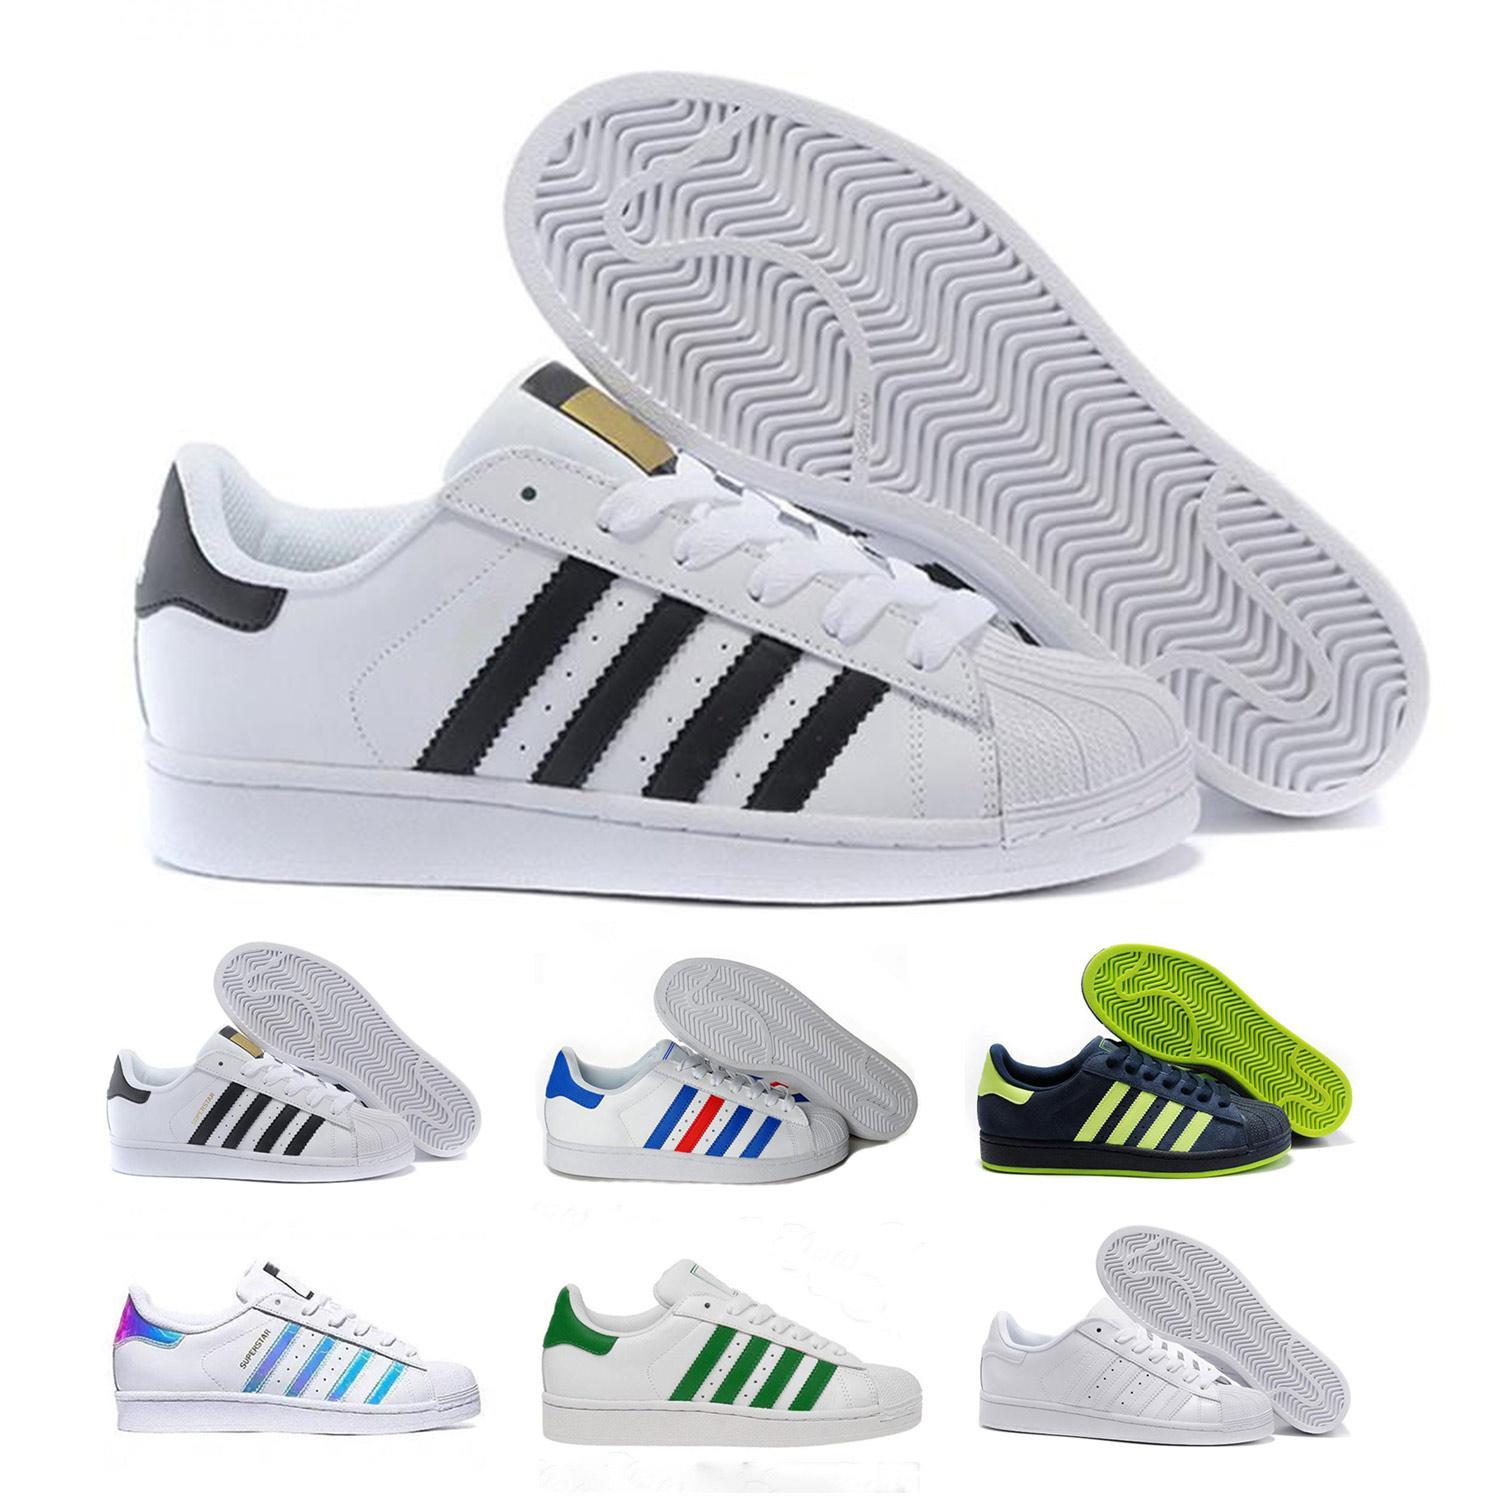 Adidas Clover Superstar 2020 Klassische Männer und Frauen Paar Outdoor-Sport-Freizeitschuh, bequeme Leder weißen Schuhe Größe 36-46